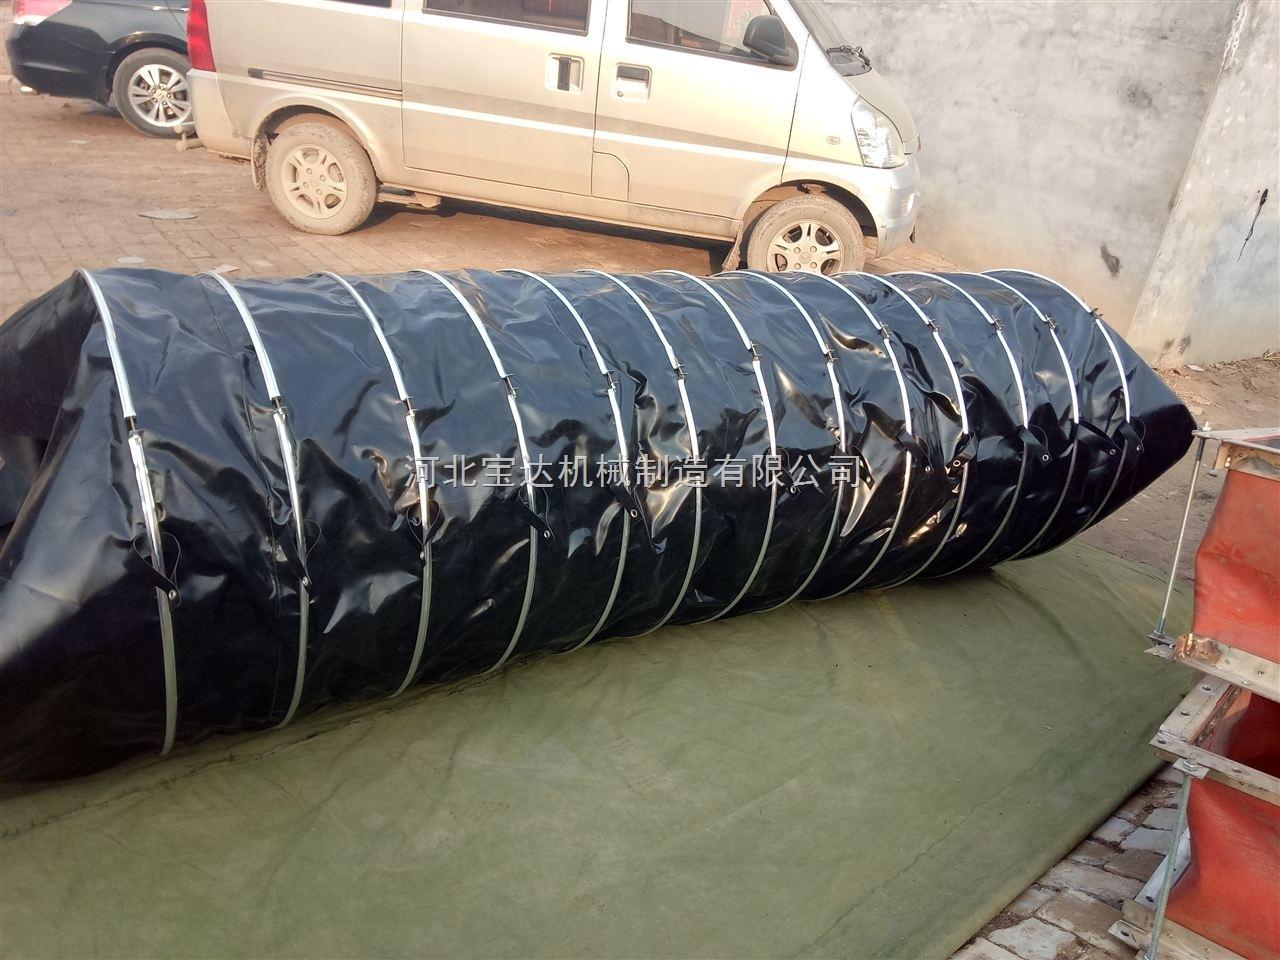 加厚硅胶吊环式通风阻燃伸缩软连接